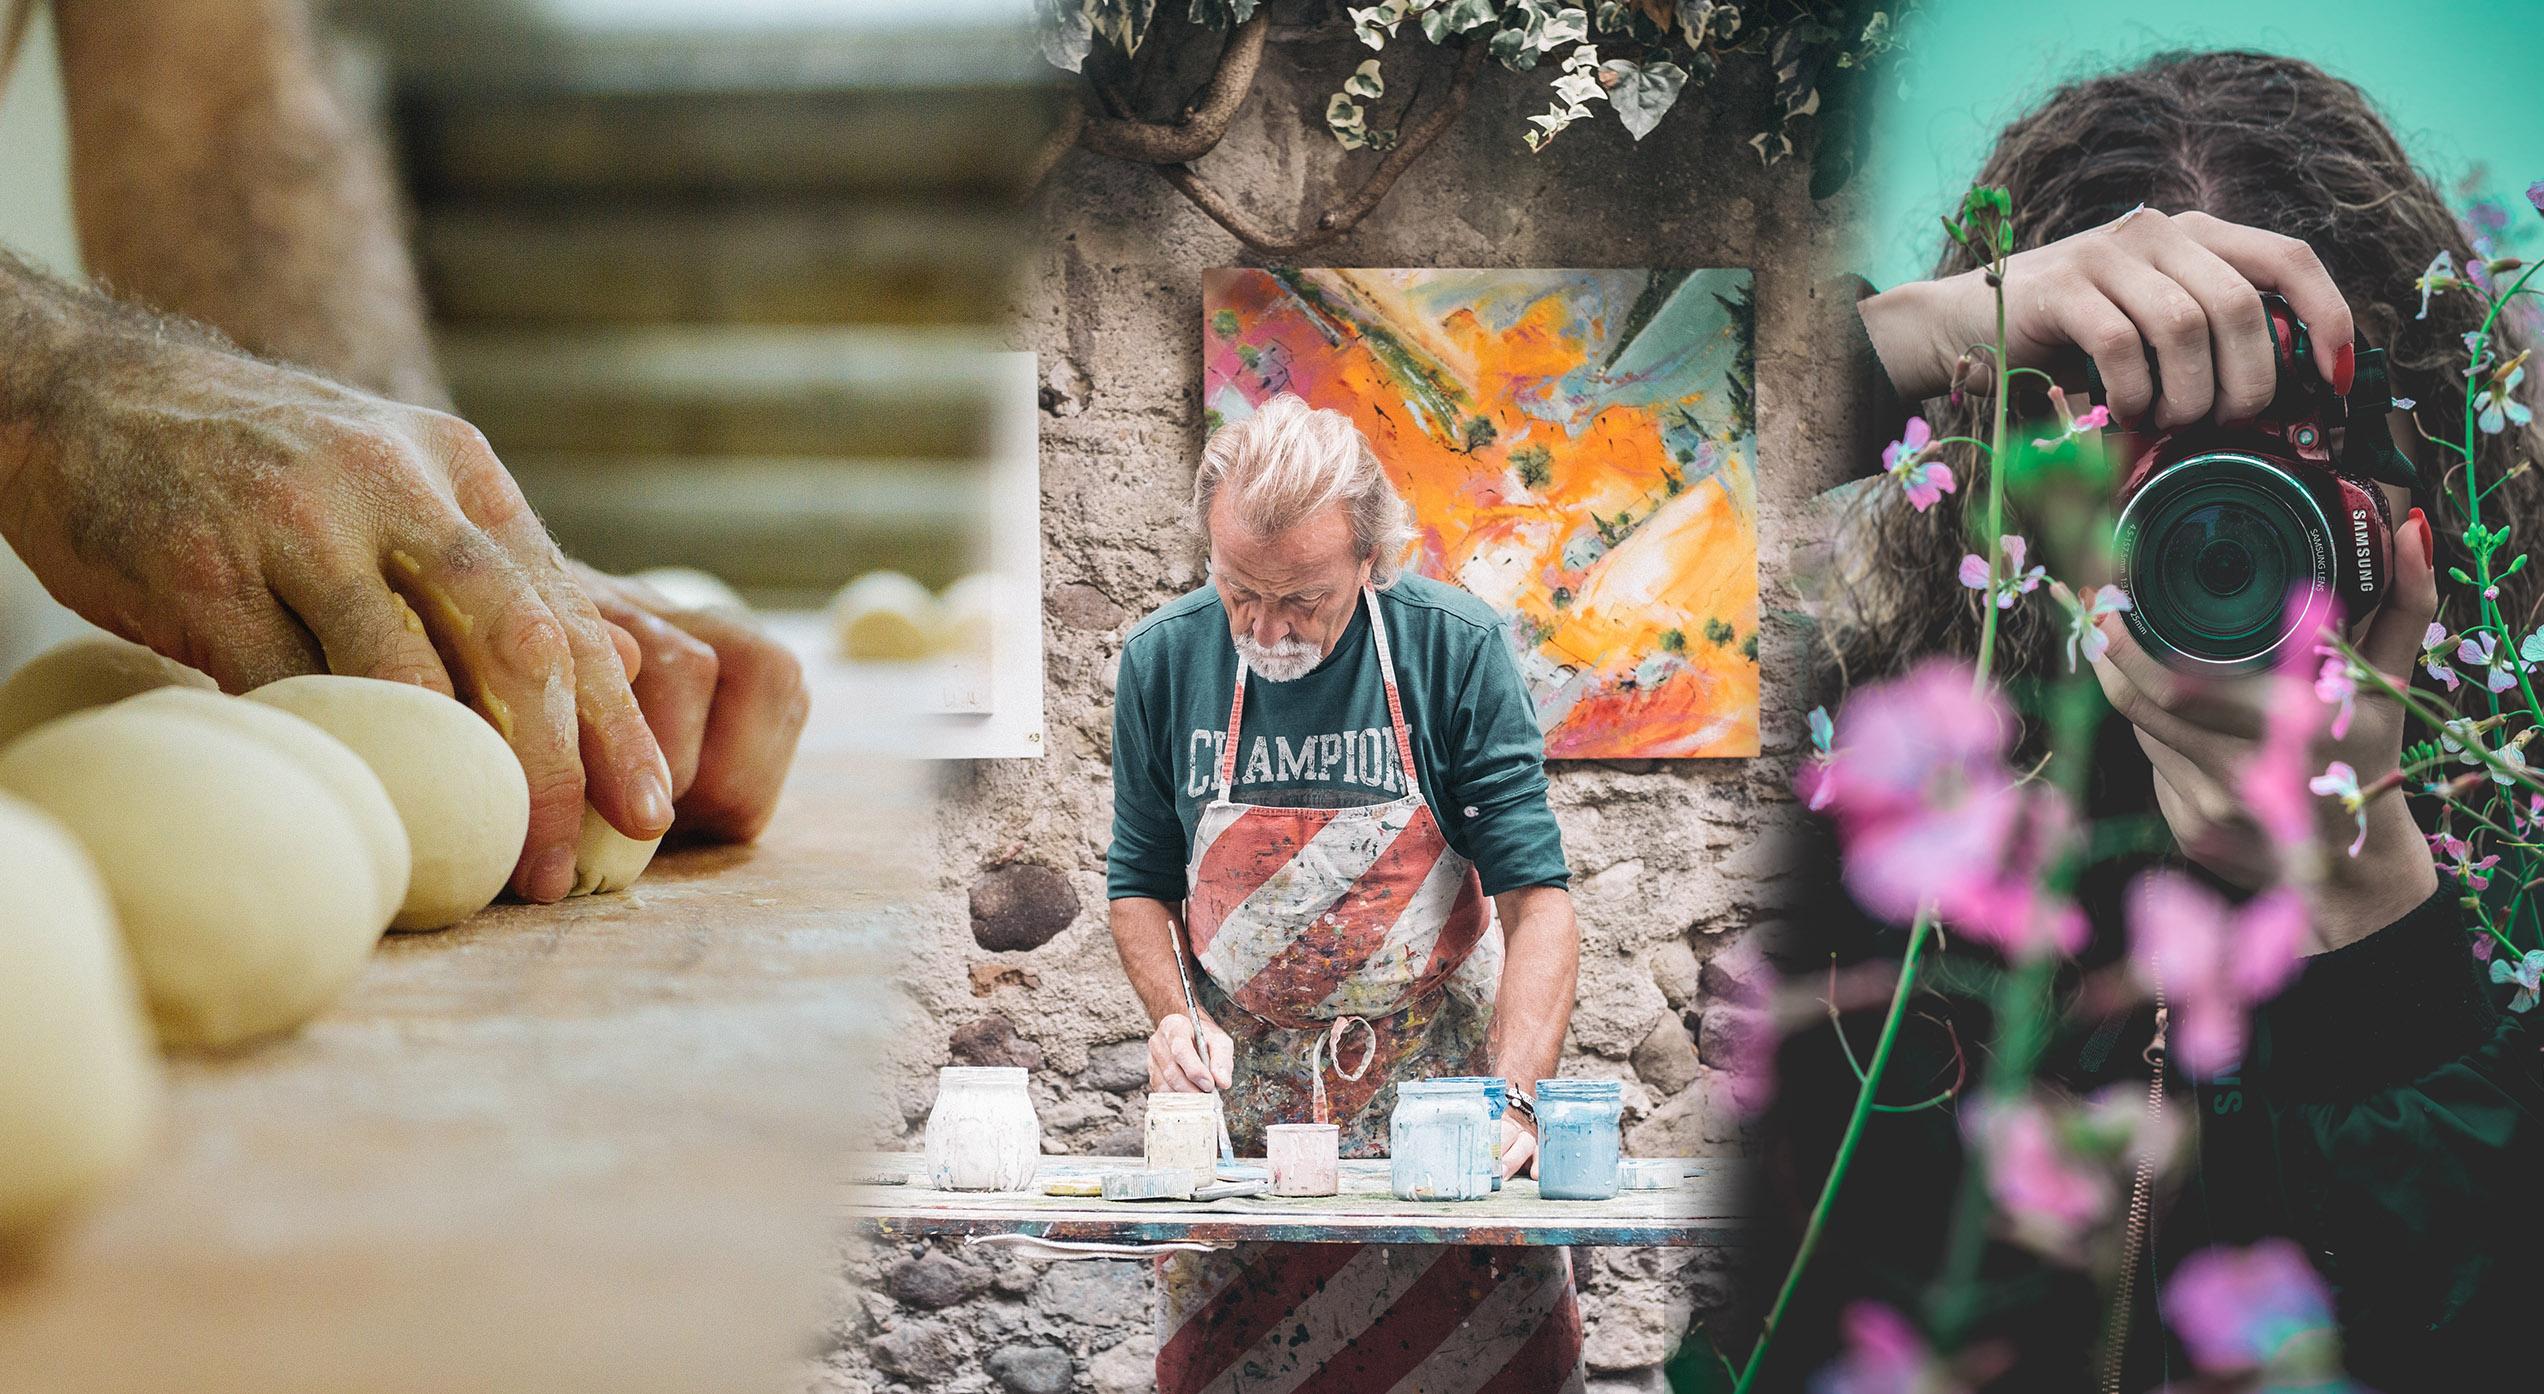 Hobbies shown: Baker, Painter, Photographer